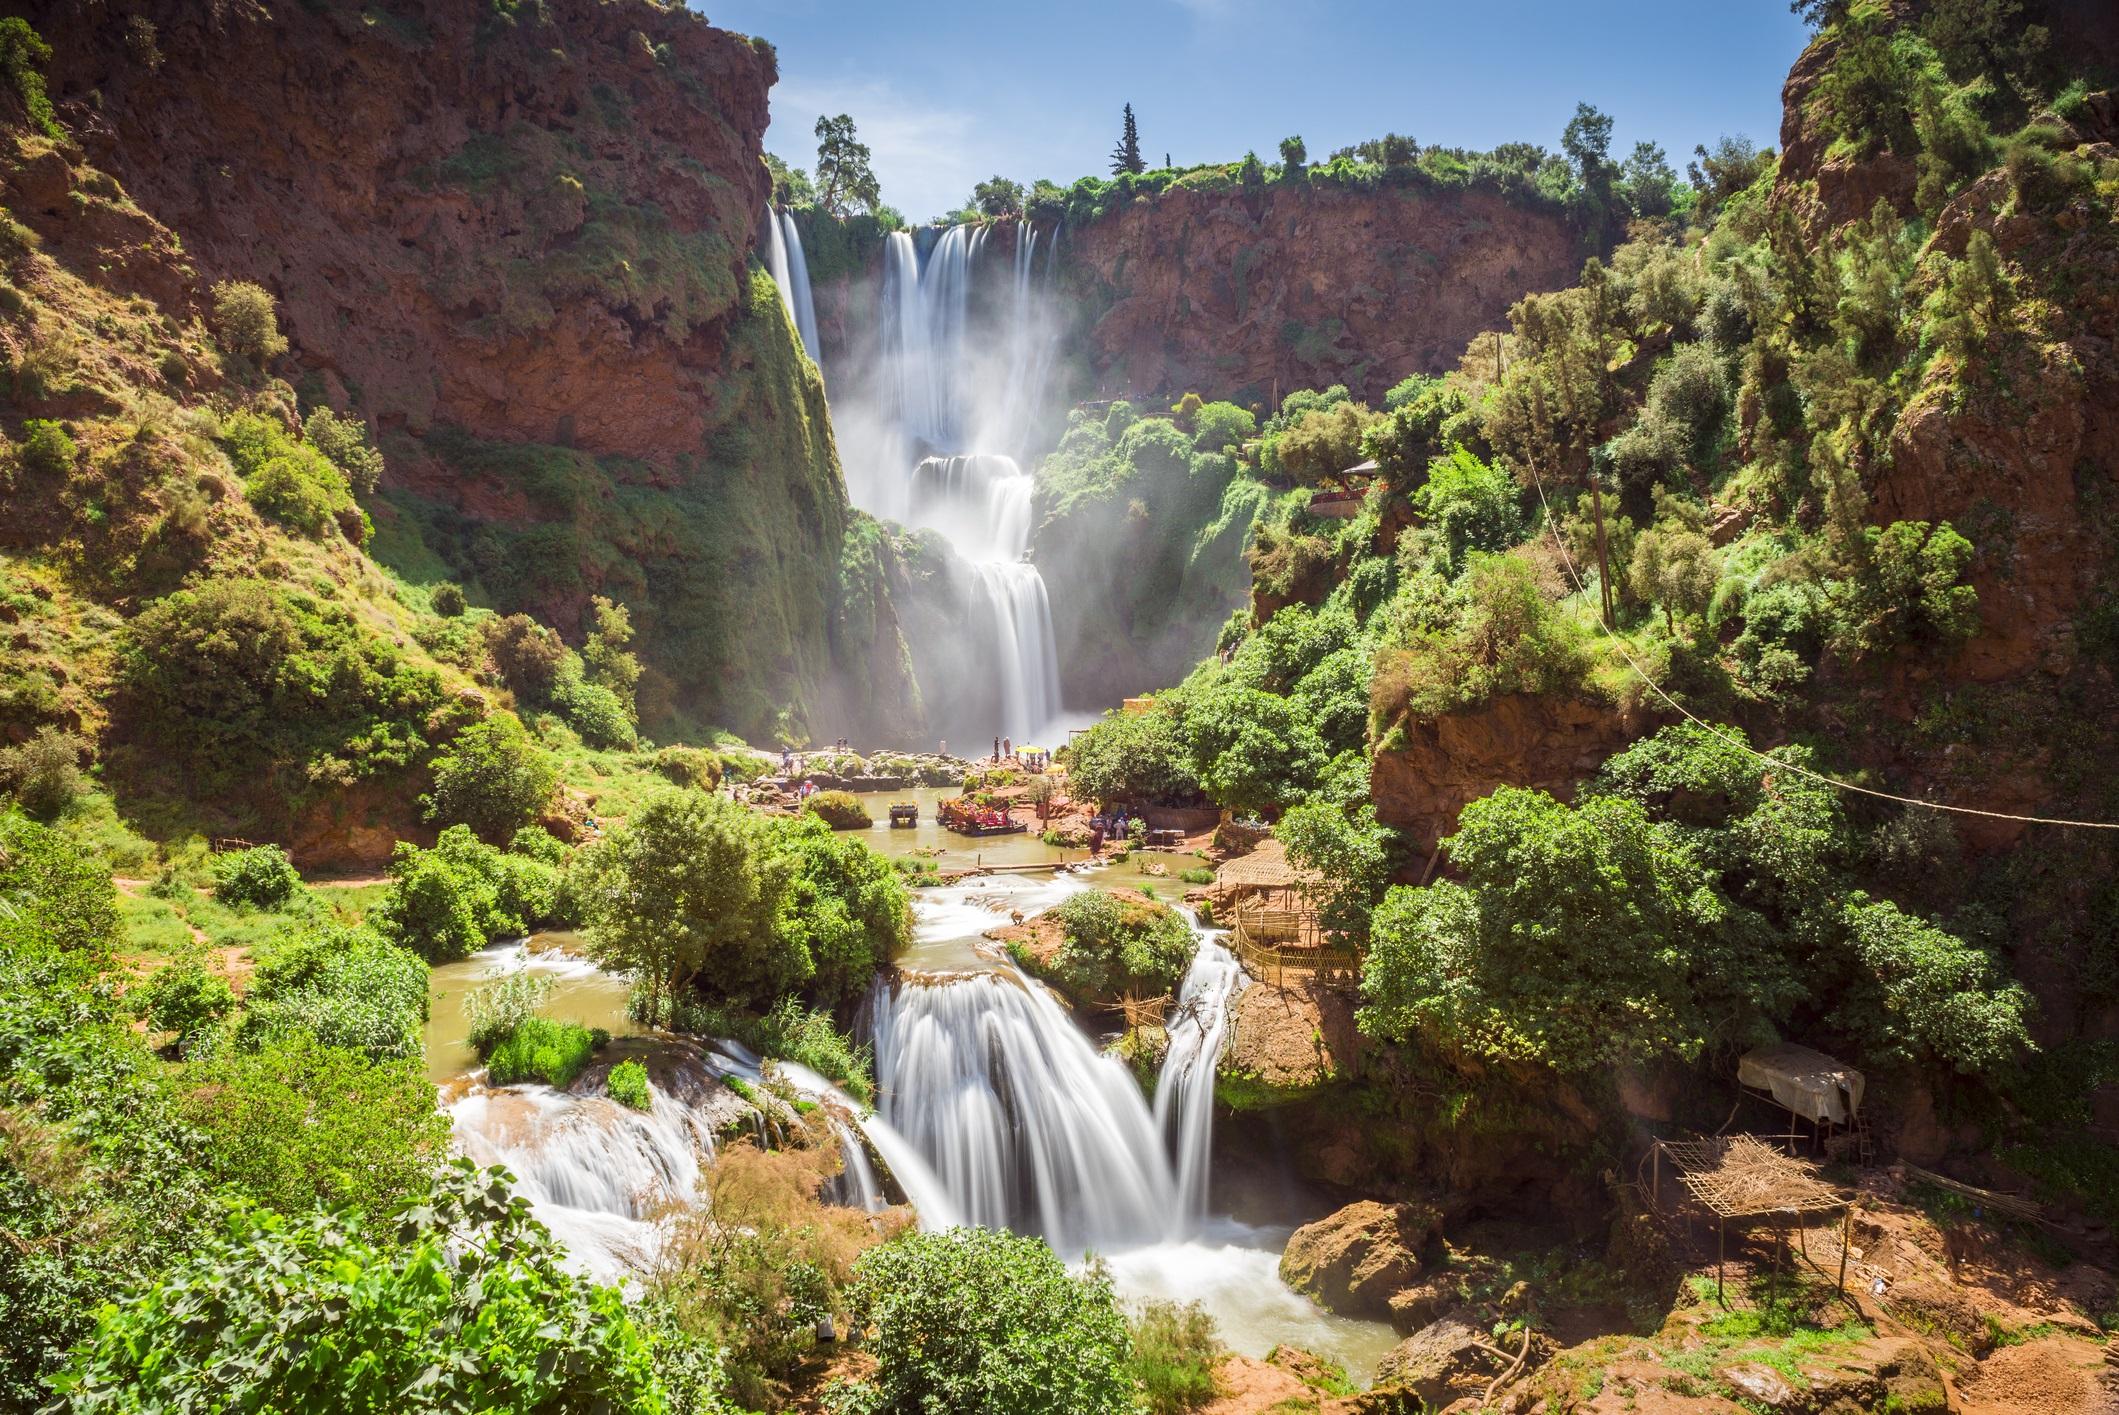 <p><strong>Узуд, Мароко</strong></p>  <p>Водопадите Узуд в планината Атлас са най-високият и най-пълноводен водопад в Мароко. През няколко каскади от червени скални масиви водата се спуска от 110 метра височина. На мястото, където отново докосва земята, водата образува малко езеро. Посетителите могат да се спуснат по малка туристическа пътека от ръба на скалите чак до основата на водопада.</p>